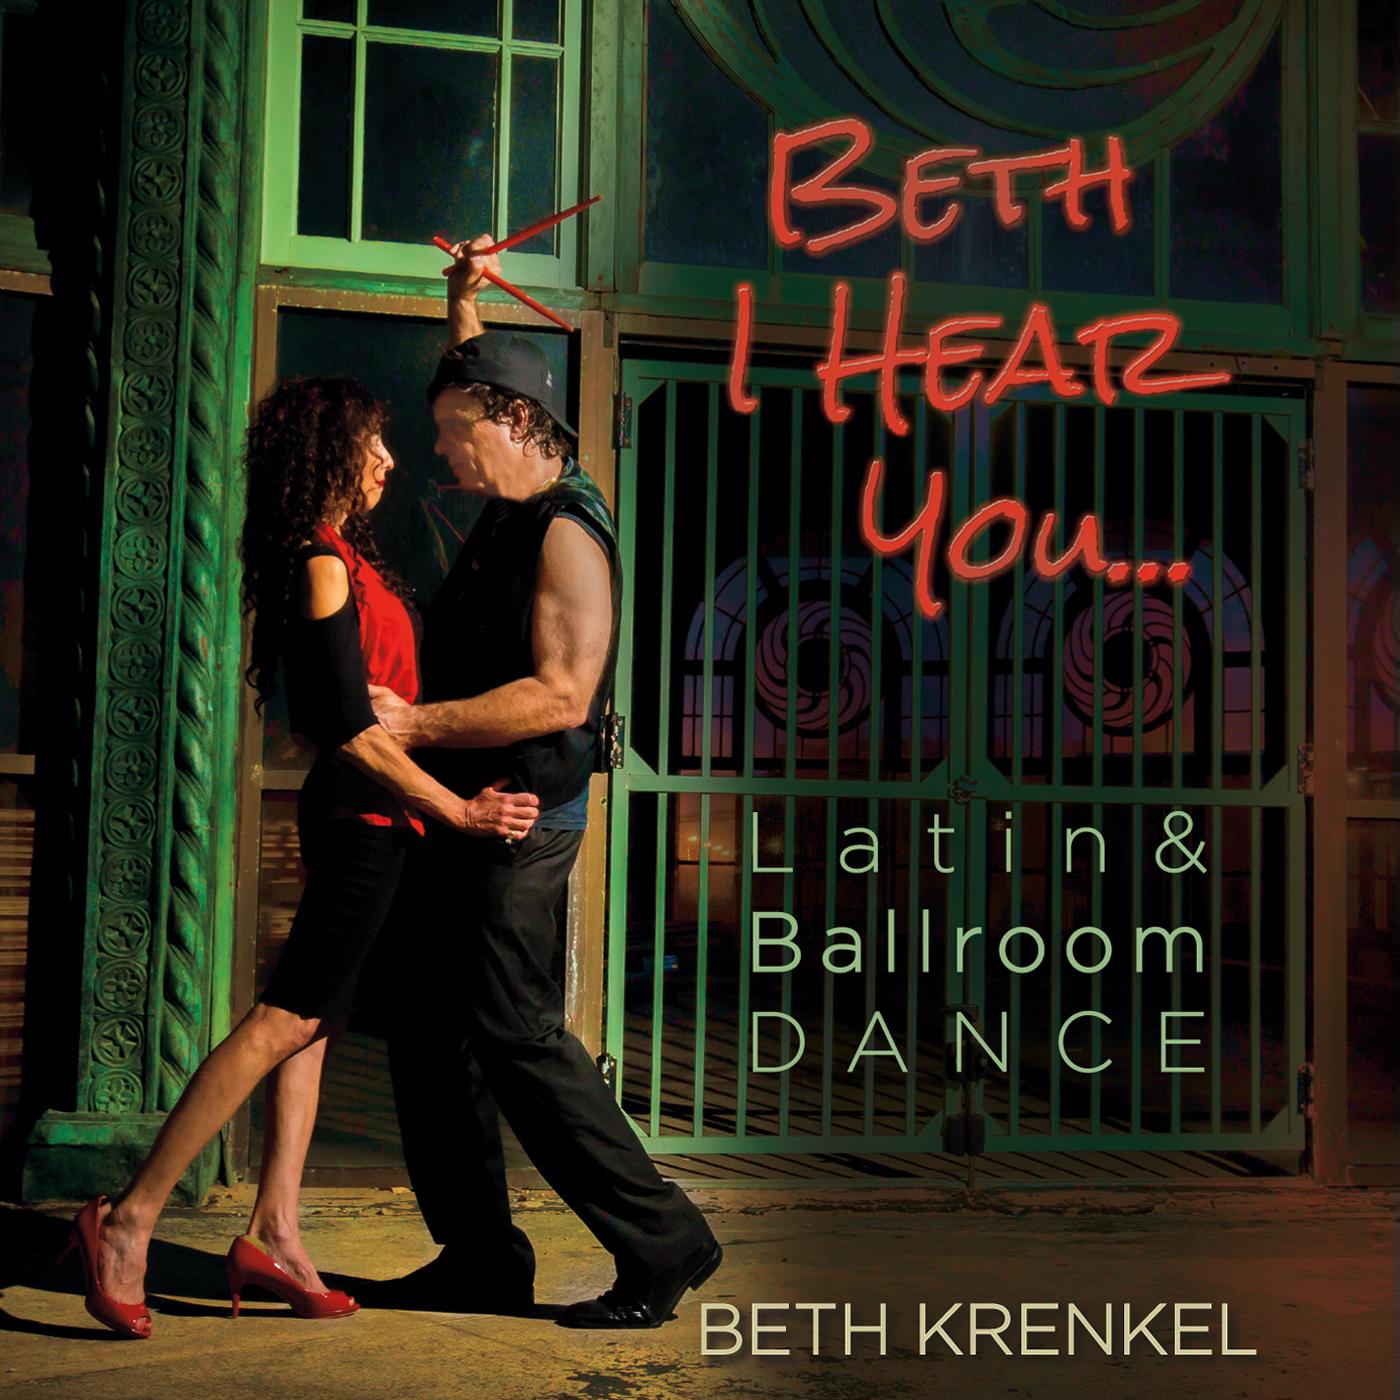 Beth Krenkel